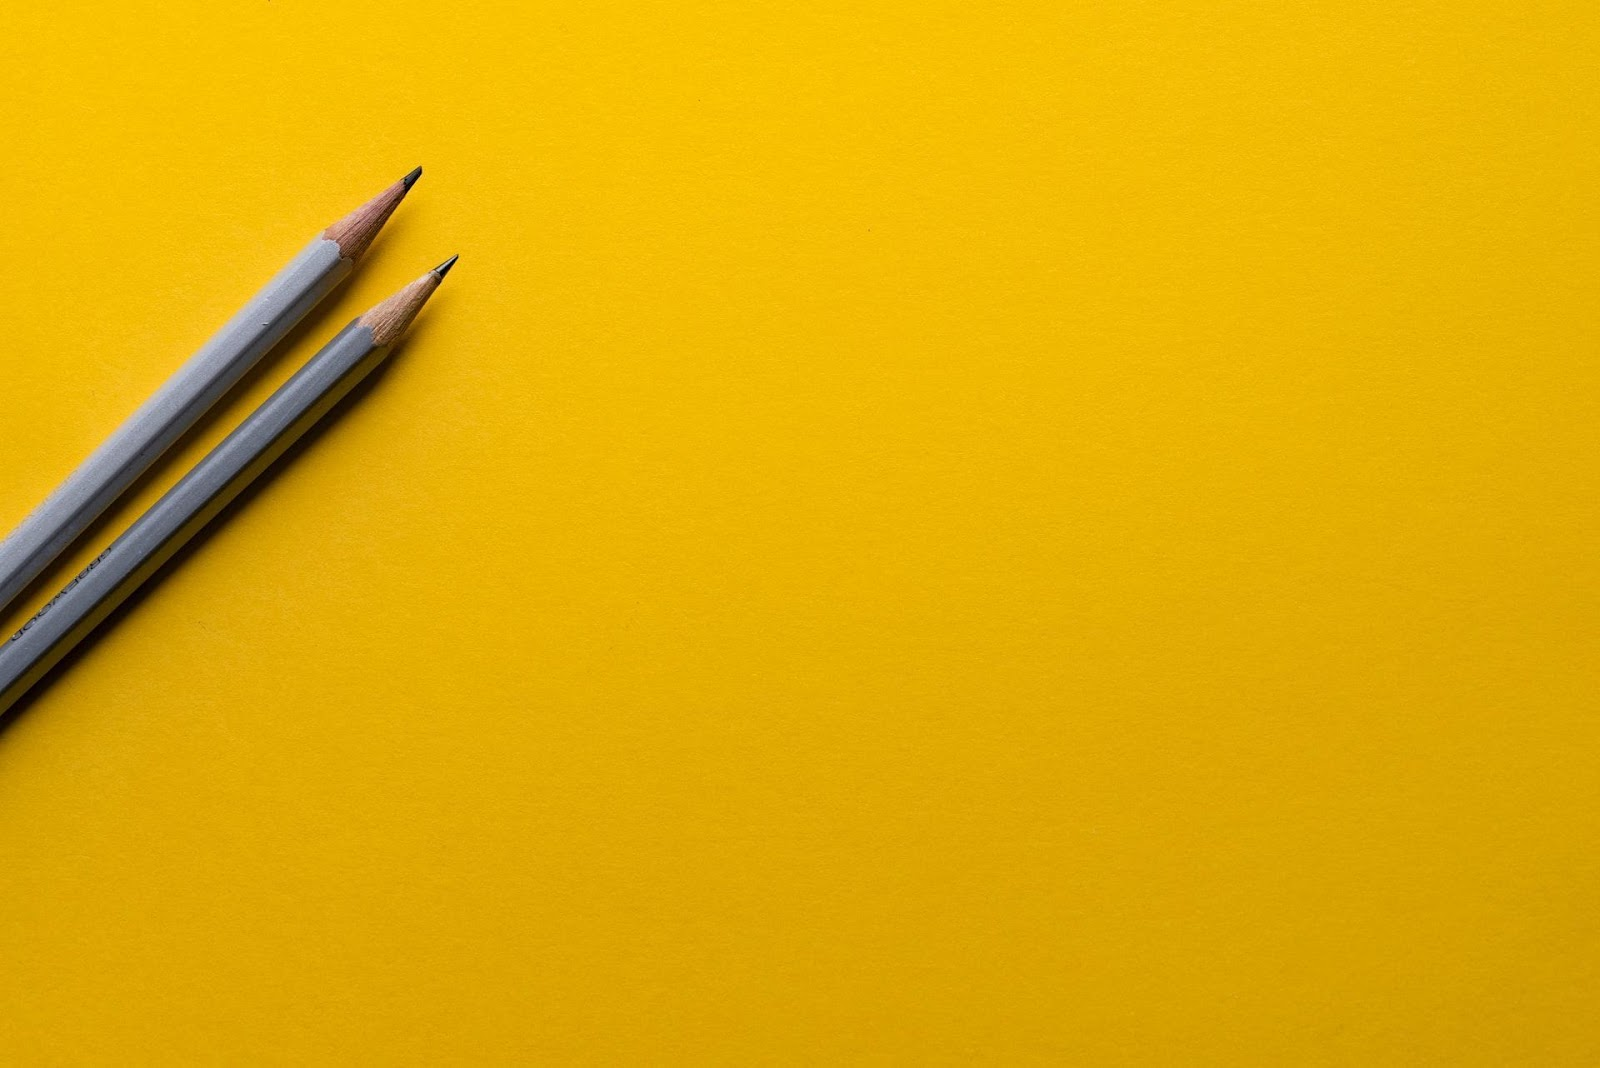 Zwei Bleistifte auf gelbem Papier. Die Erstellung eines Content-Kalenders ist für Blogger ein wesentlicher Bestandteil jeder guten Content-Strategie.